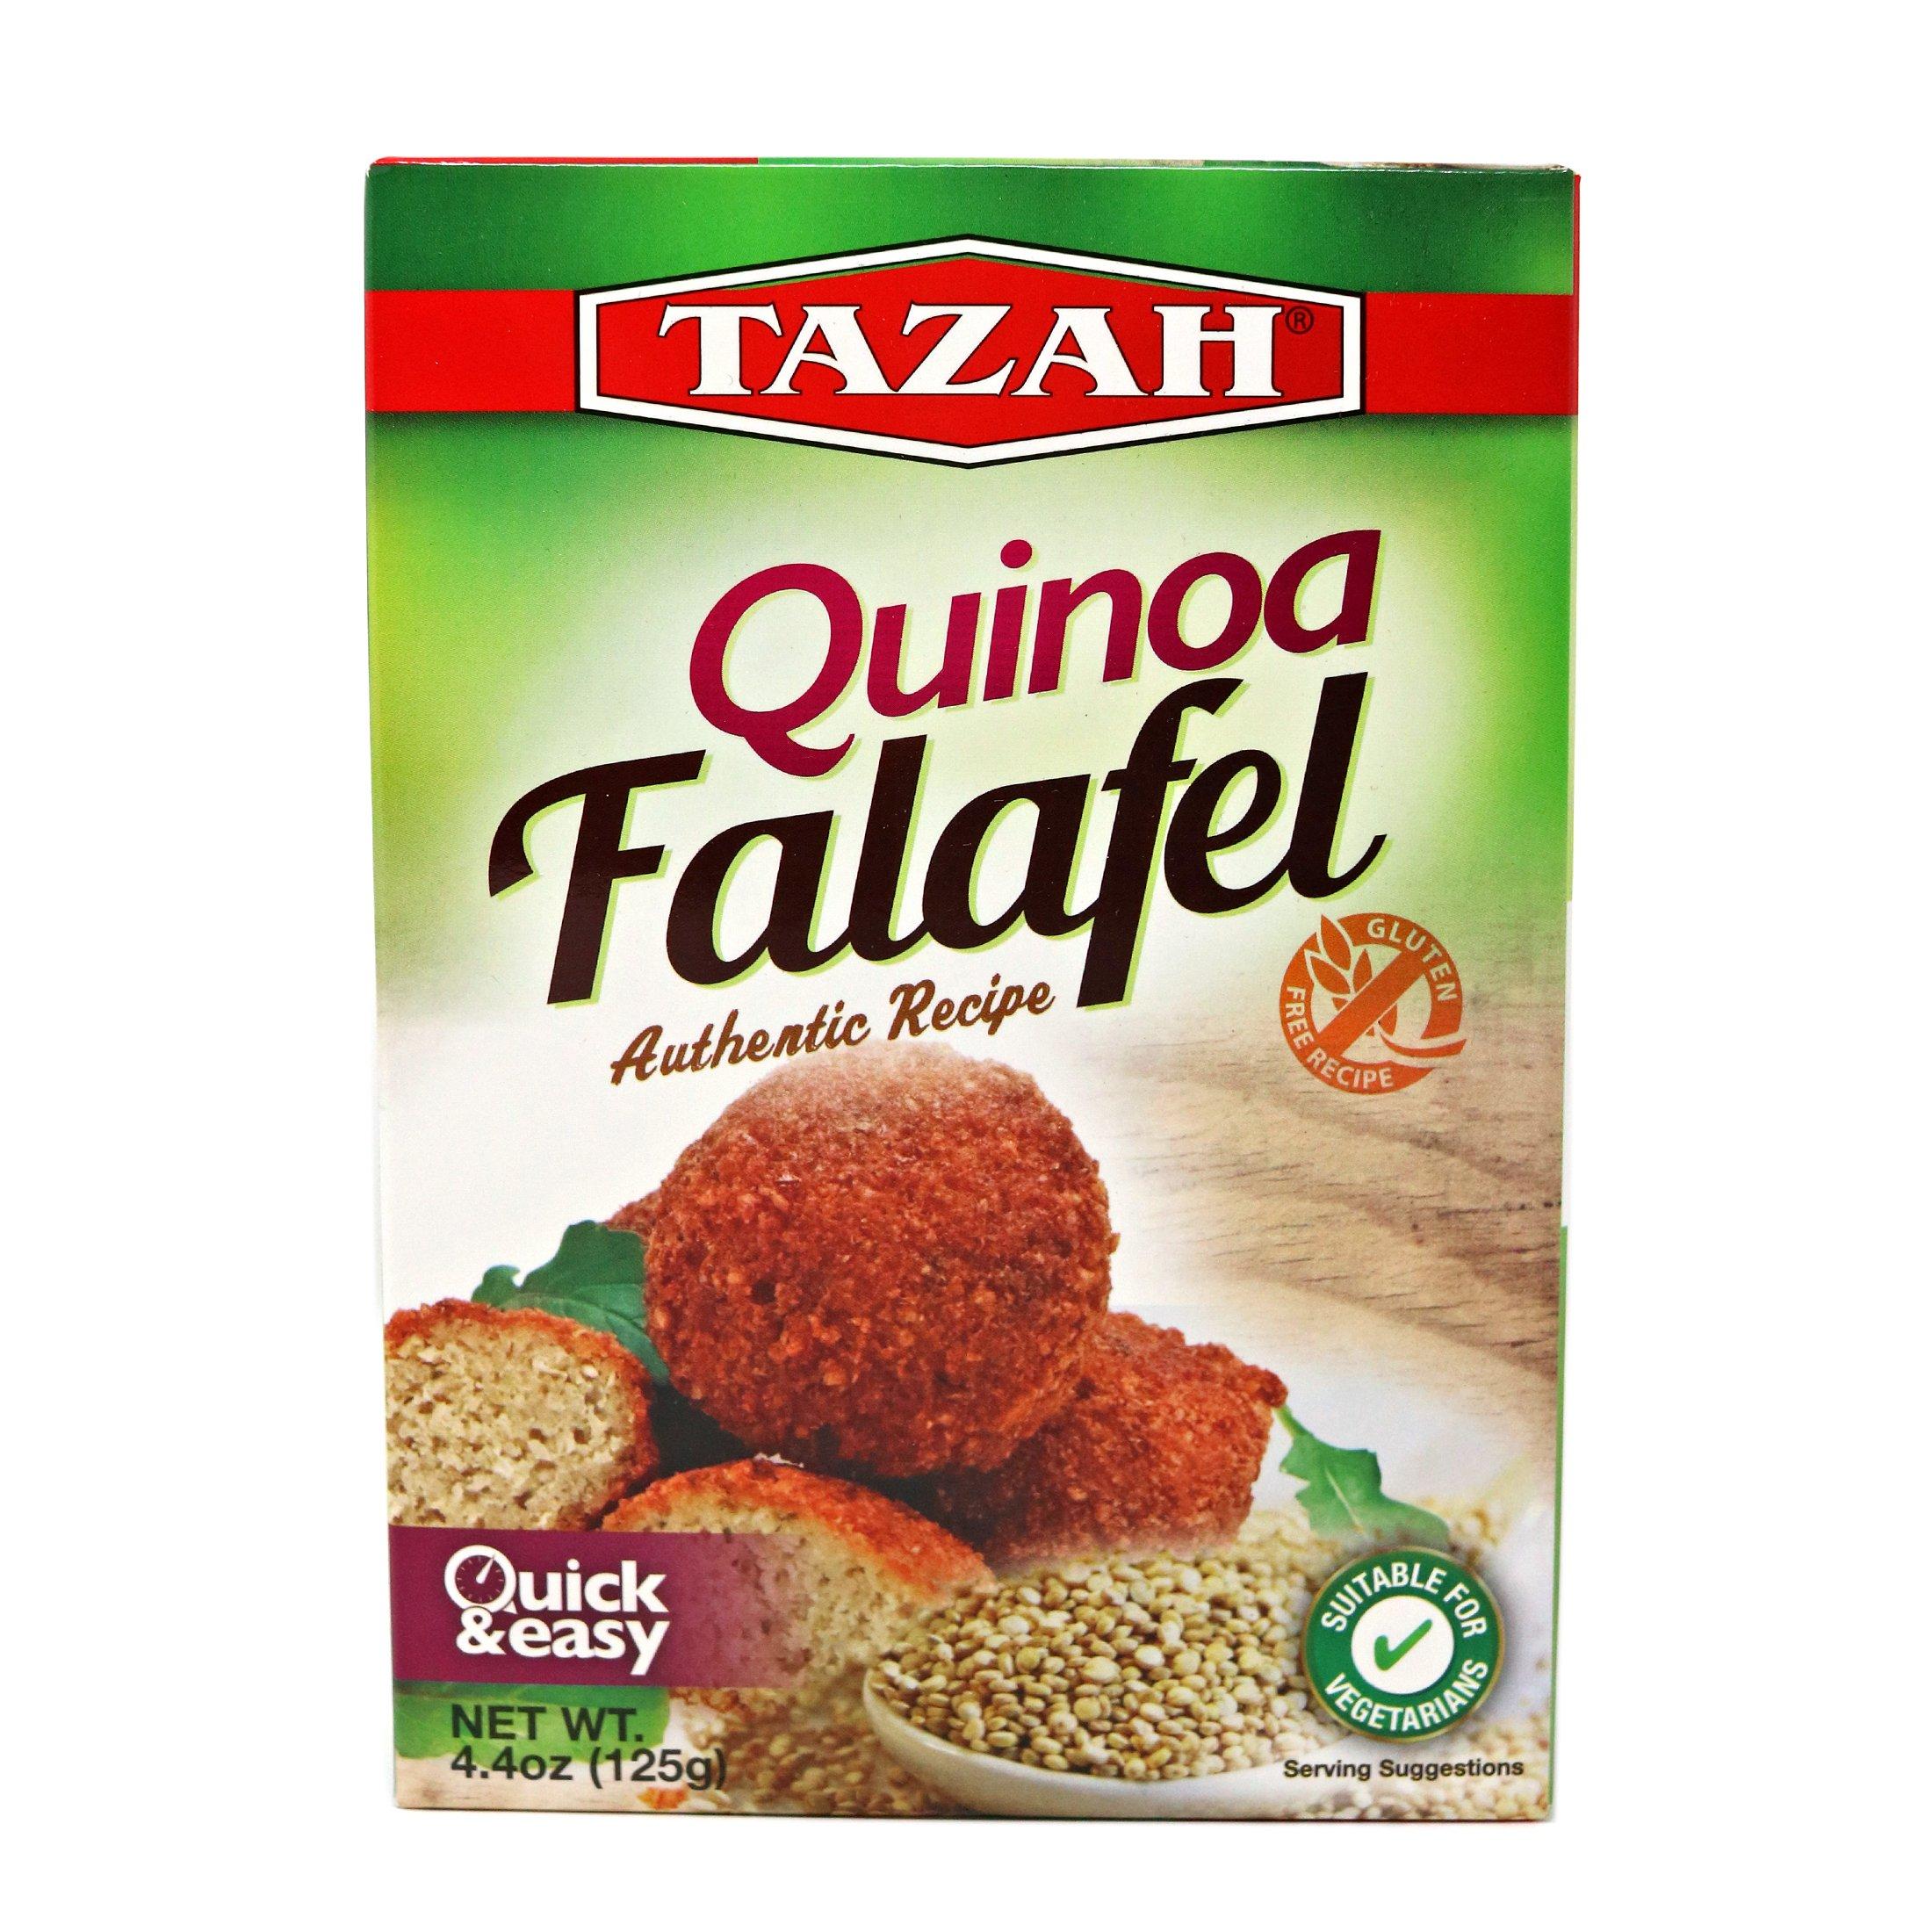 Tazah Quinoa Falafel Mix 4.4 Oz / 125 Gr by Tazah